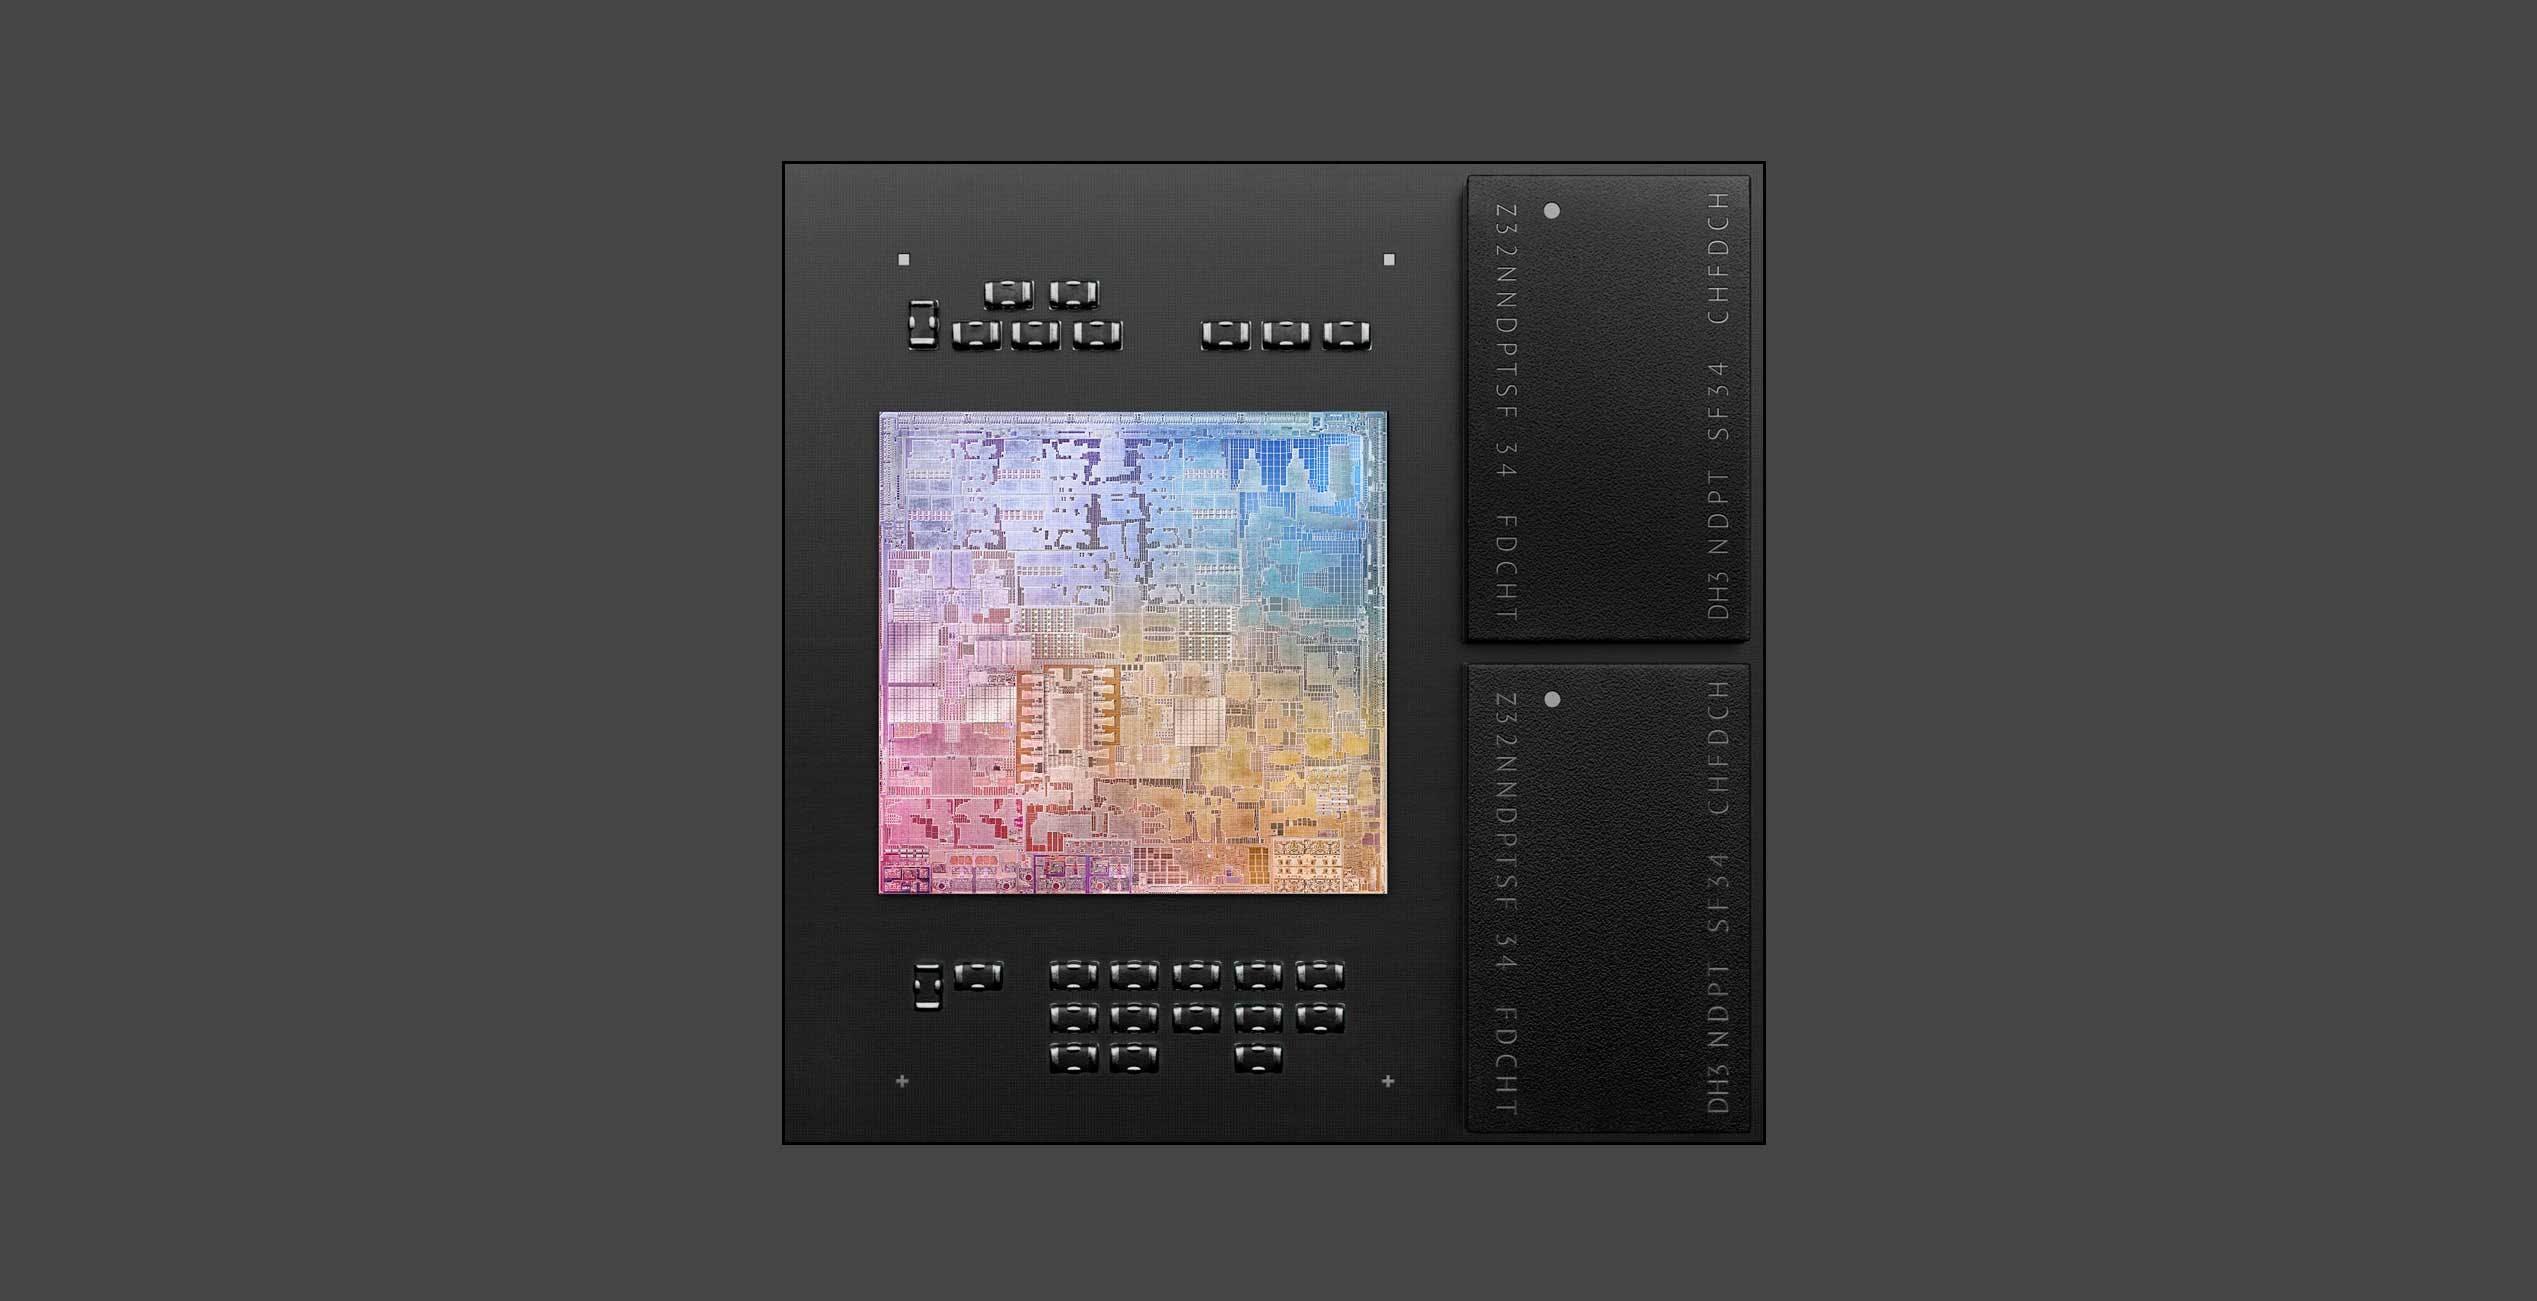 Apple Silicon, nel 2021 CPU a 32 core e GPU a 128 core. AMD prepara la contromossa, ARM e Radeon insieme